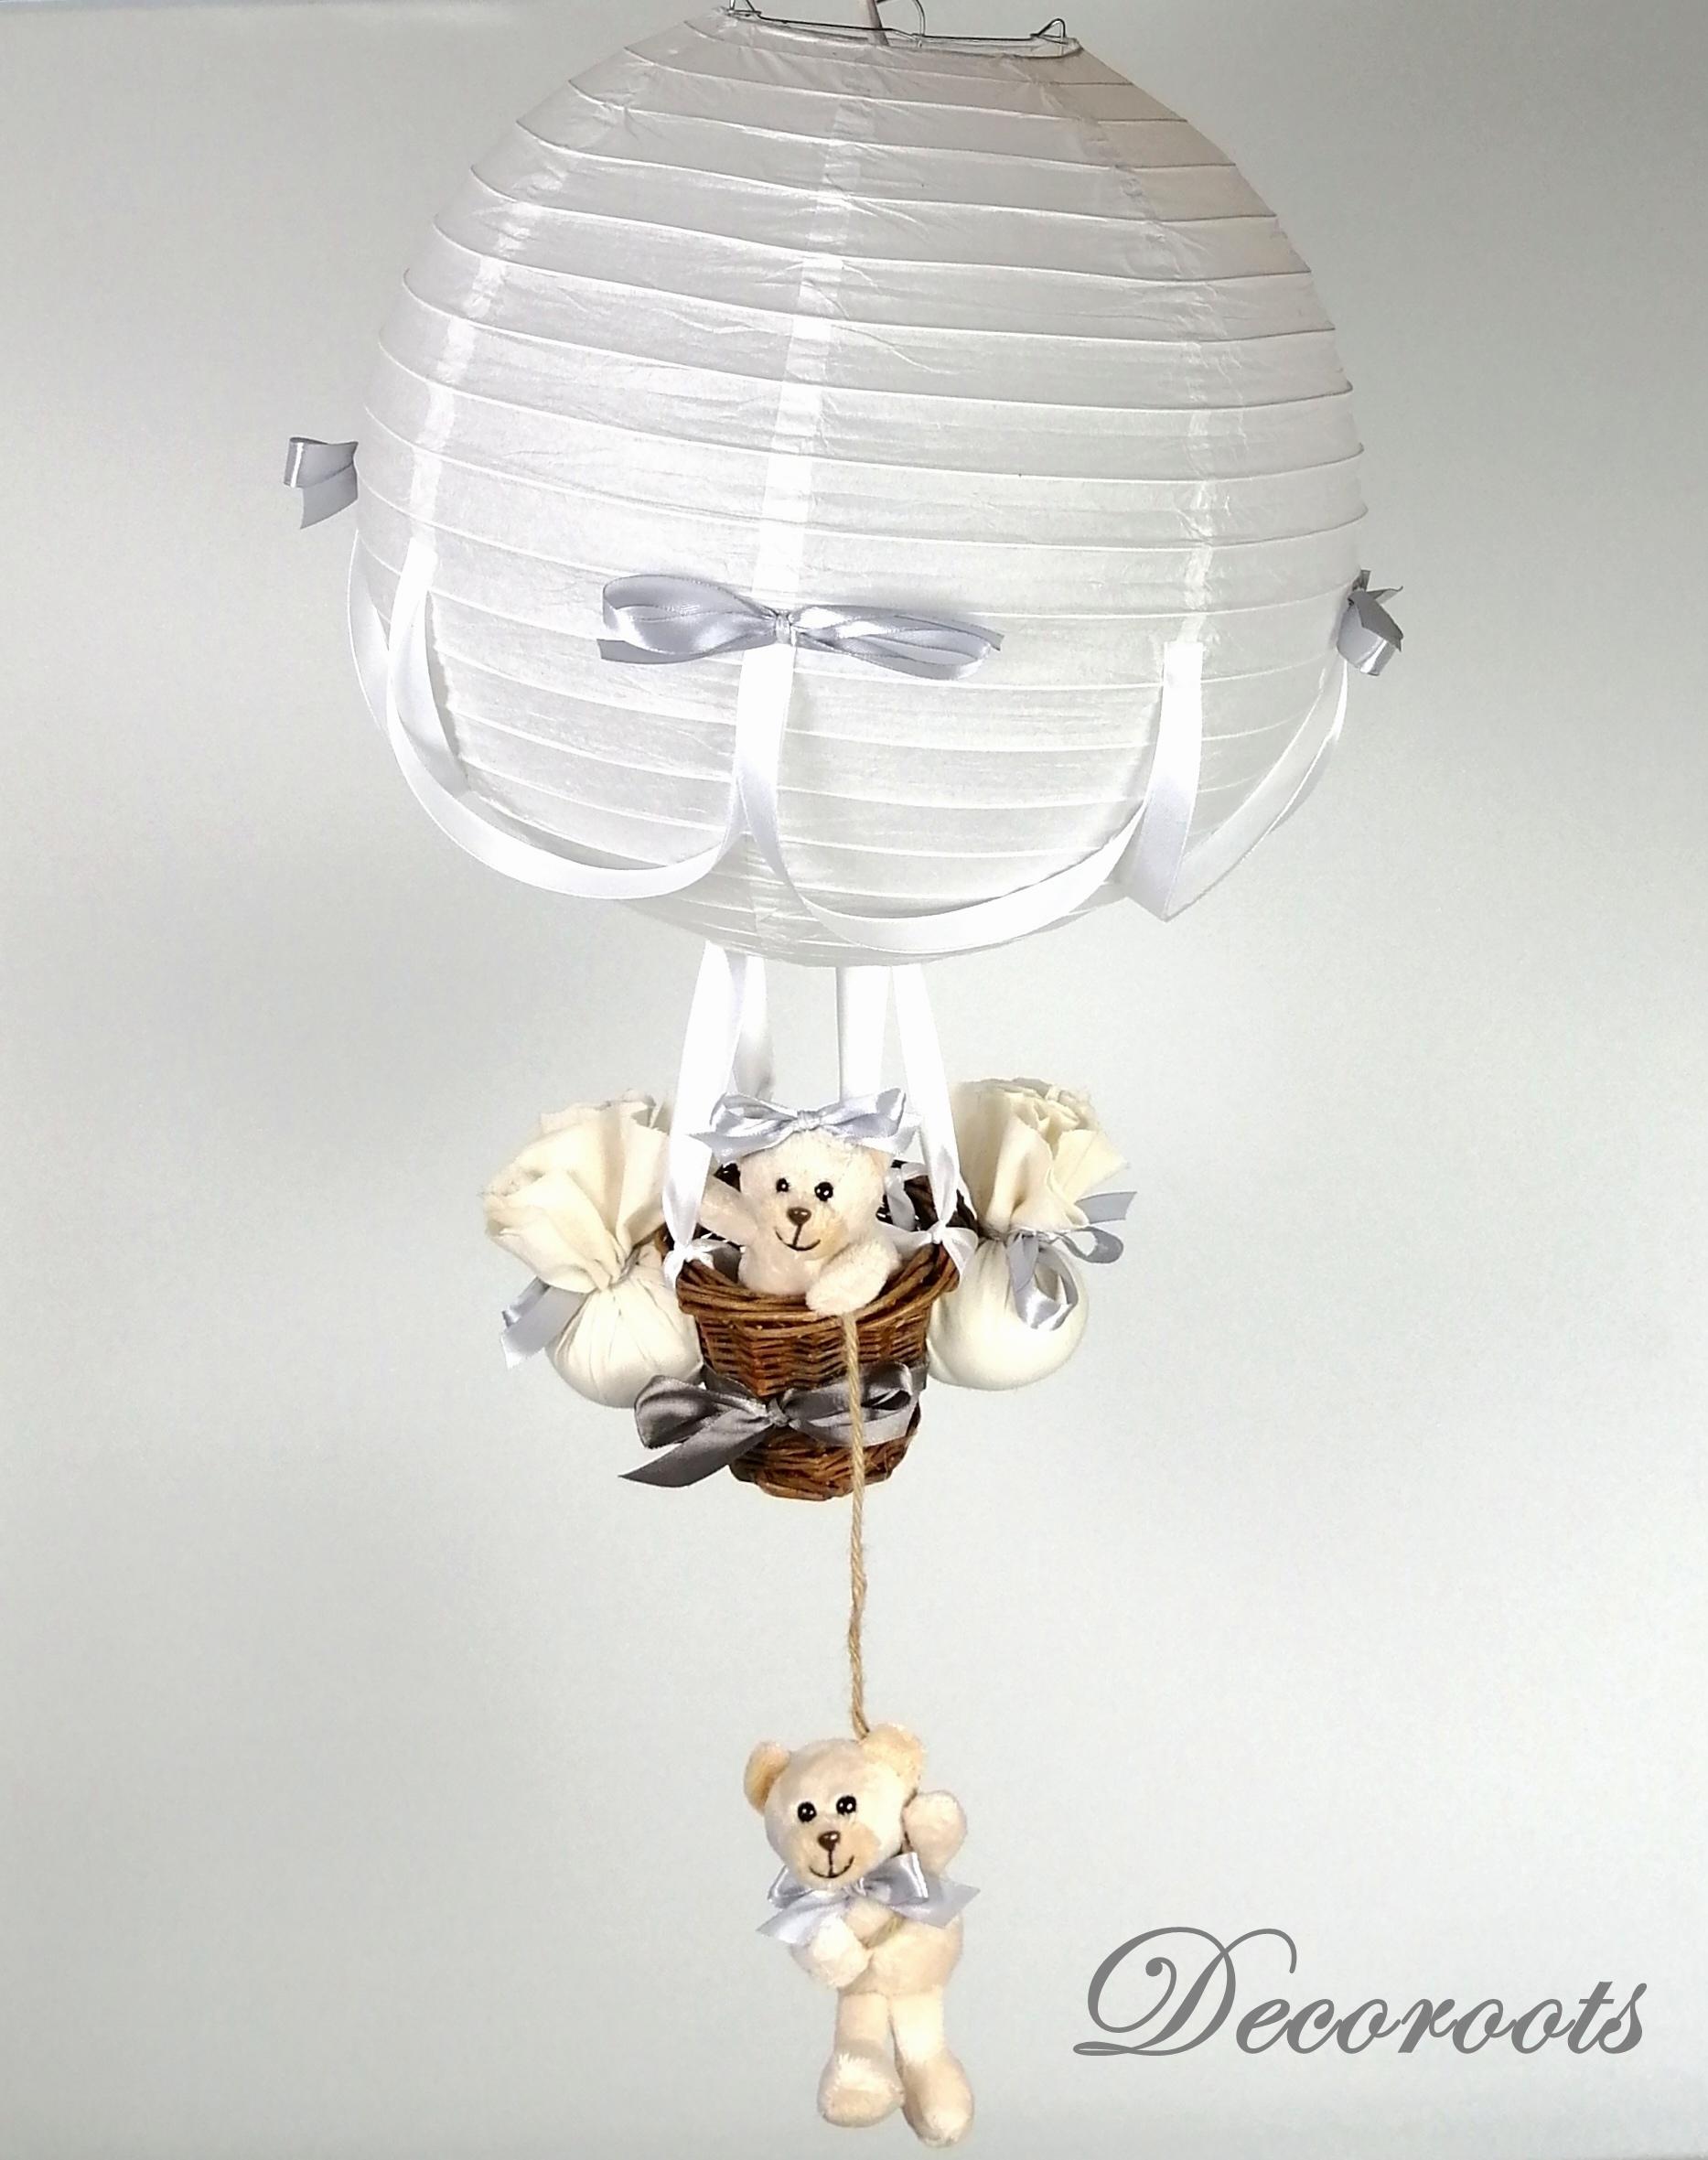 lampe montgolfière blanc gris beige mixte décoration enfant